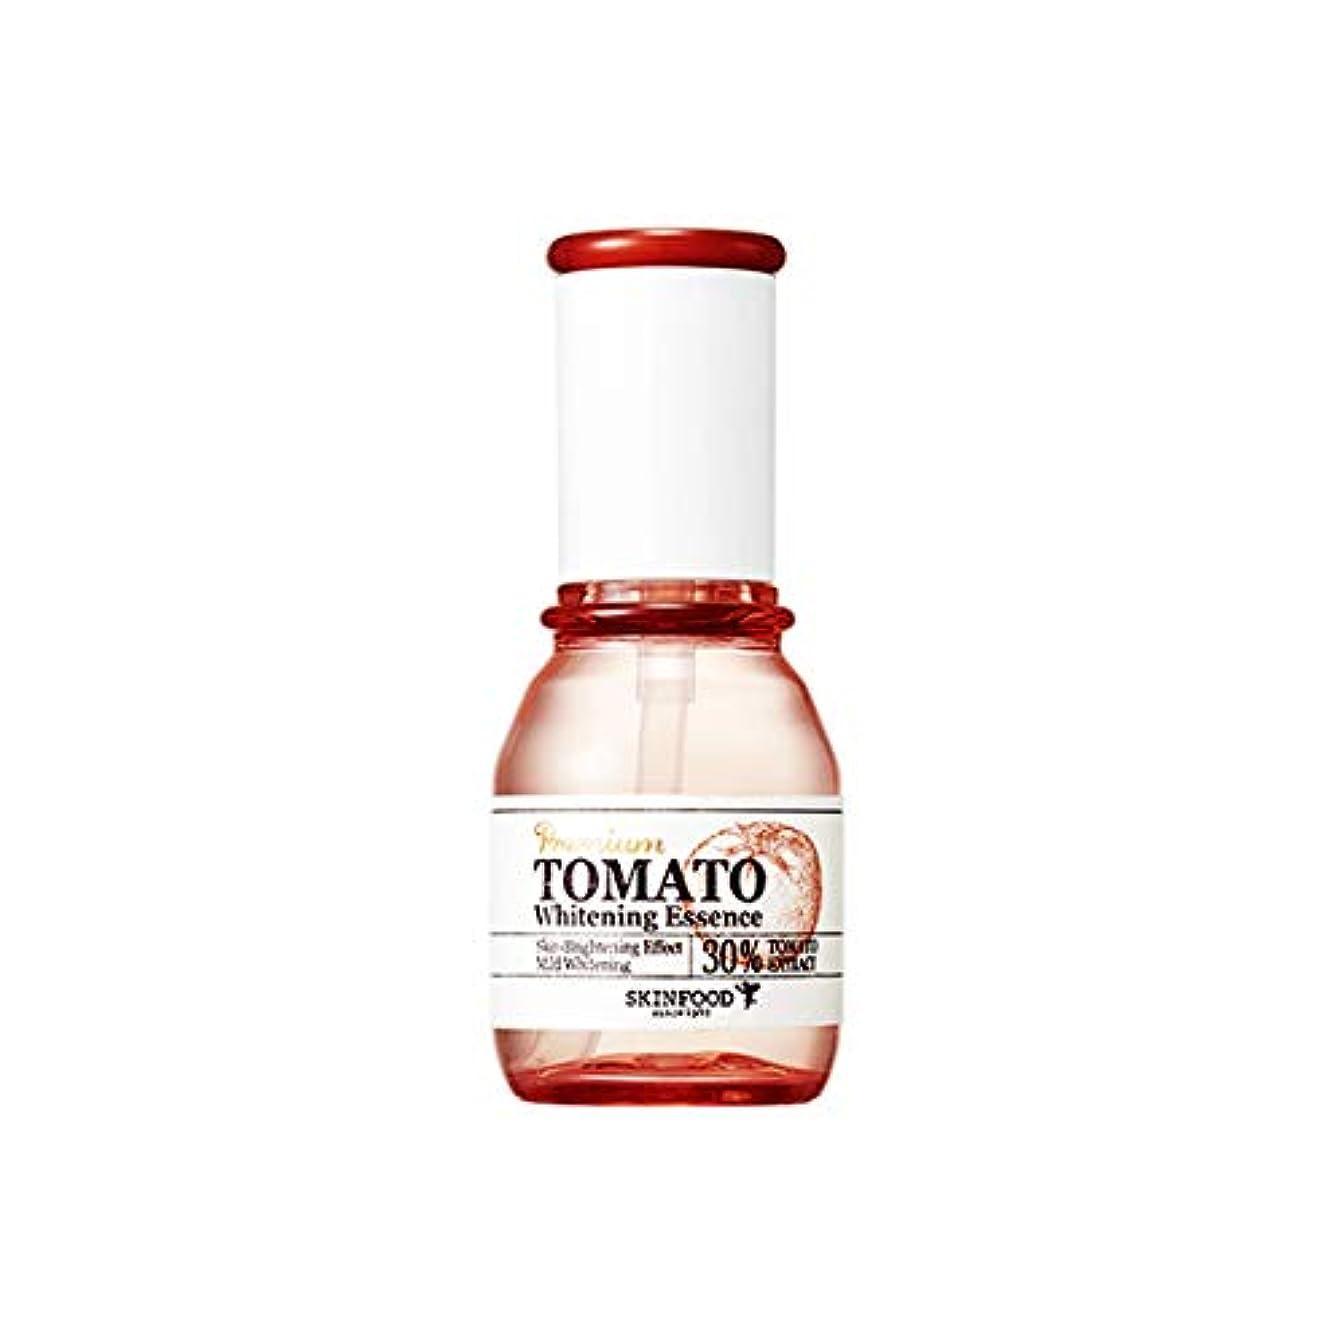 有料マイナー免疫Skinfood プレミアムトマトホワイトニングエッセンス(美白効果) / Premium Tomato Whitening Essence (Skin-Brightening Effect)50ml [並行輸入品]